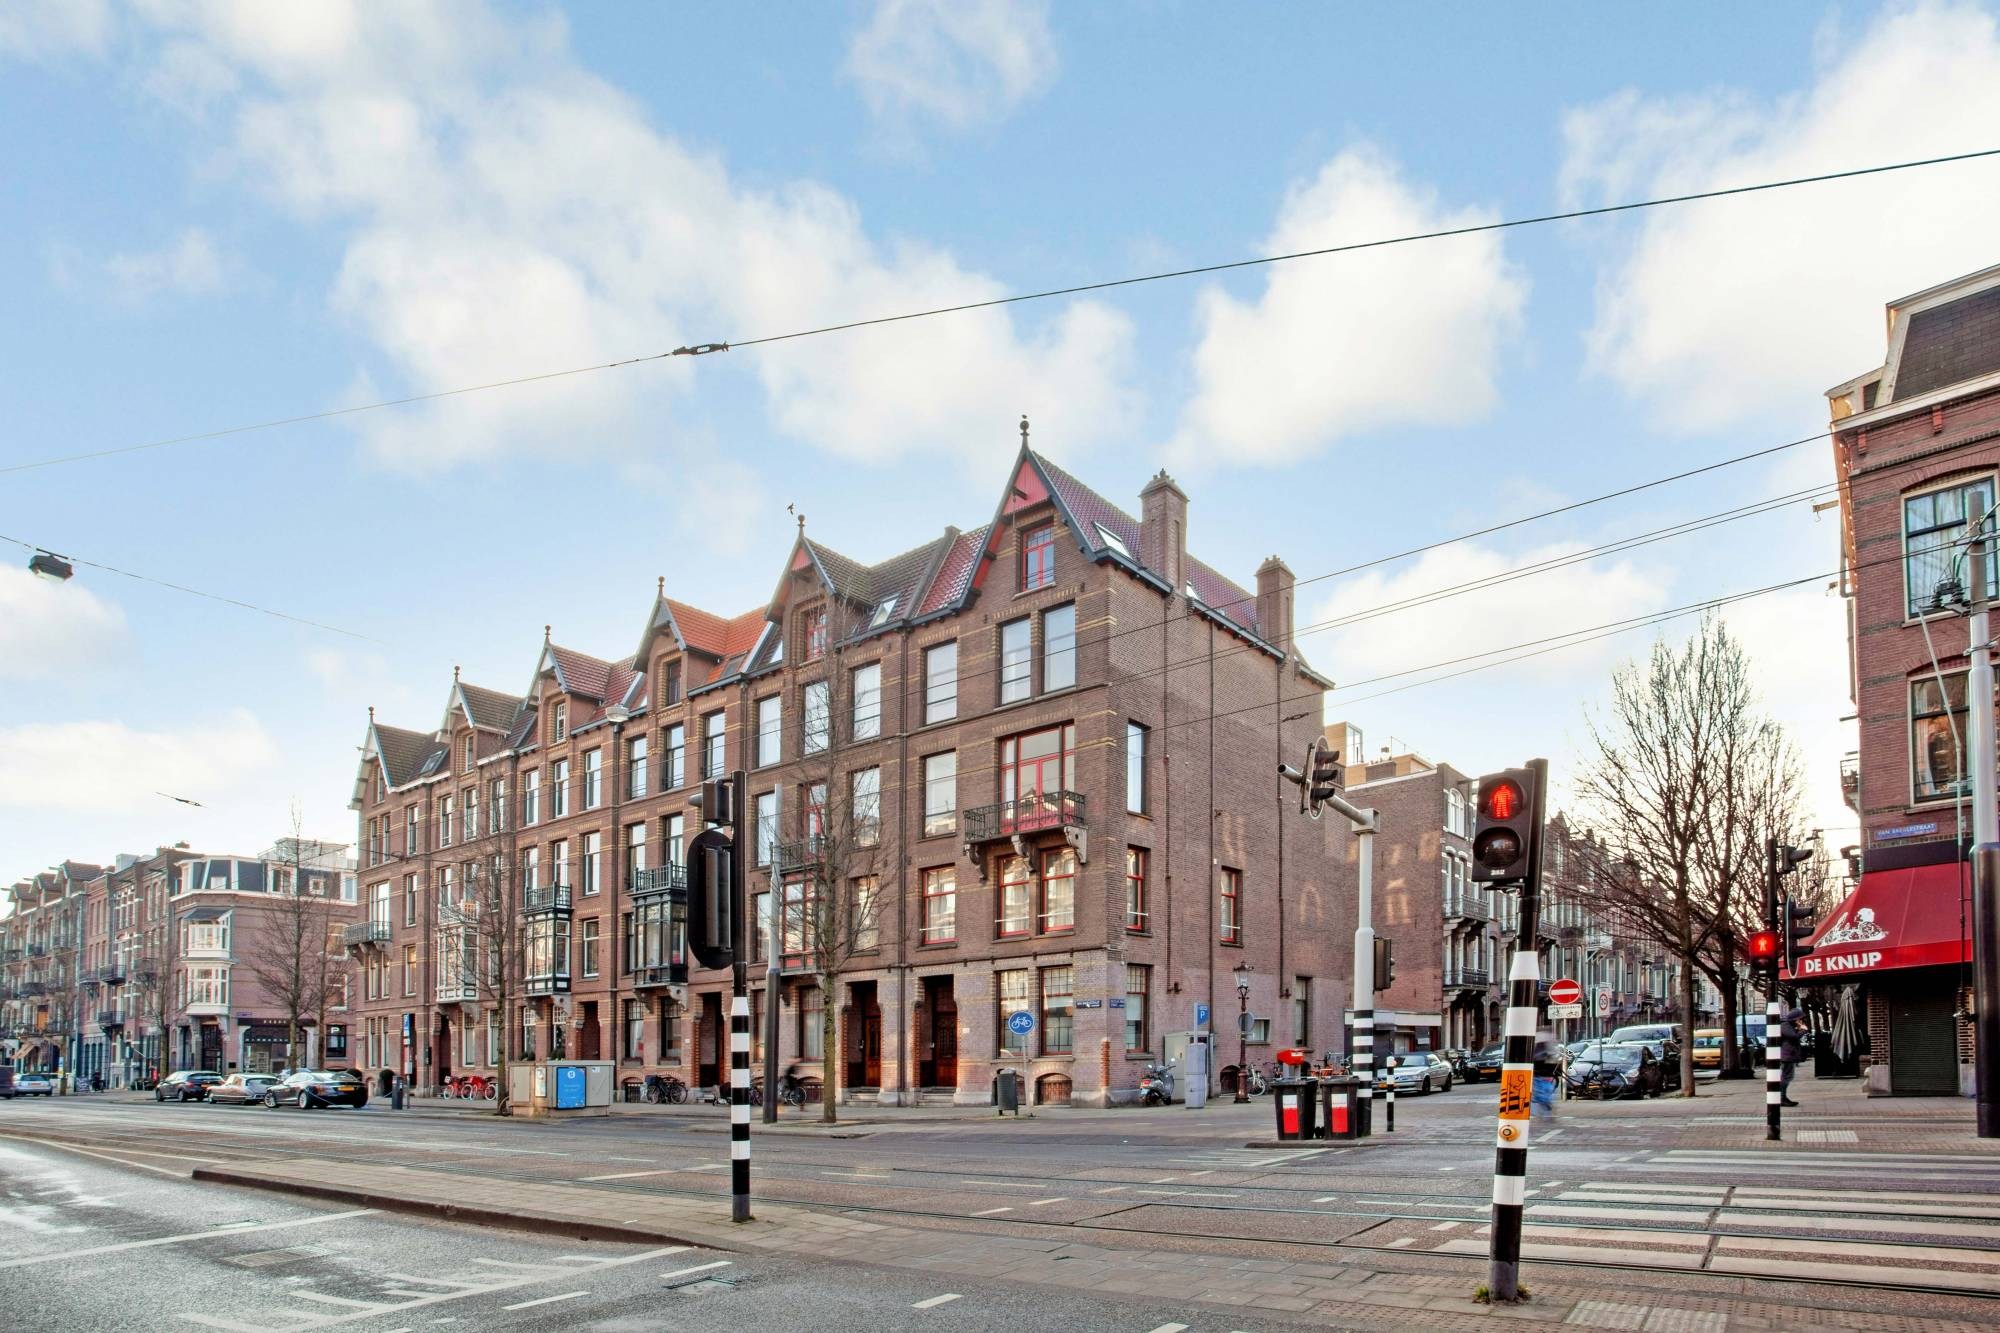 Van Baerlestraat / Amsterdam